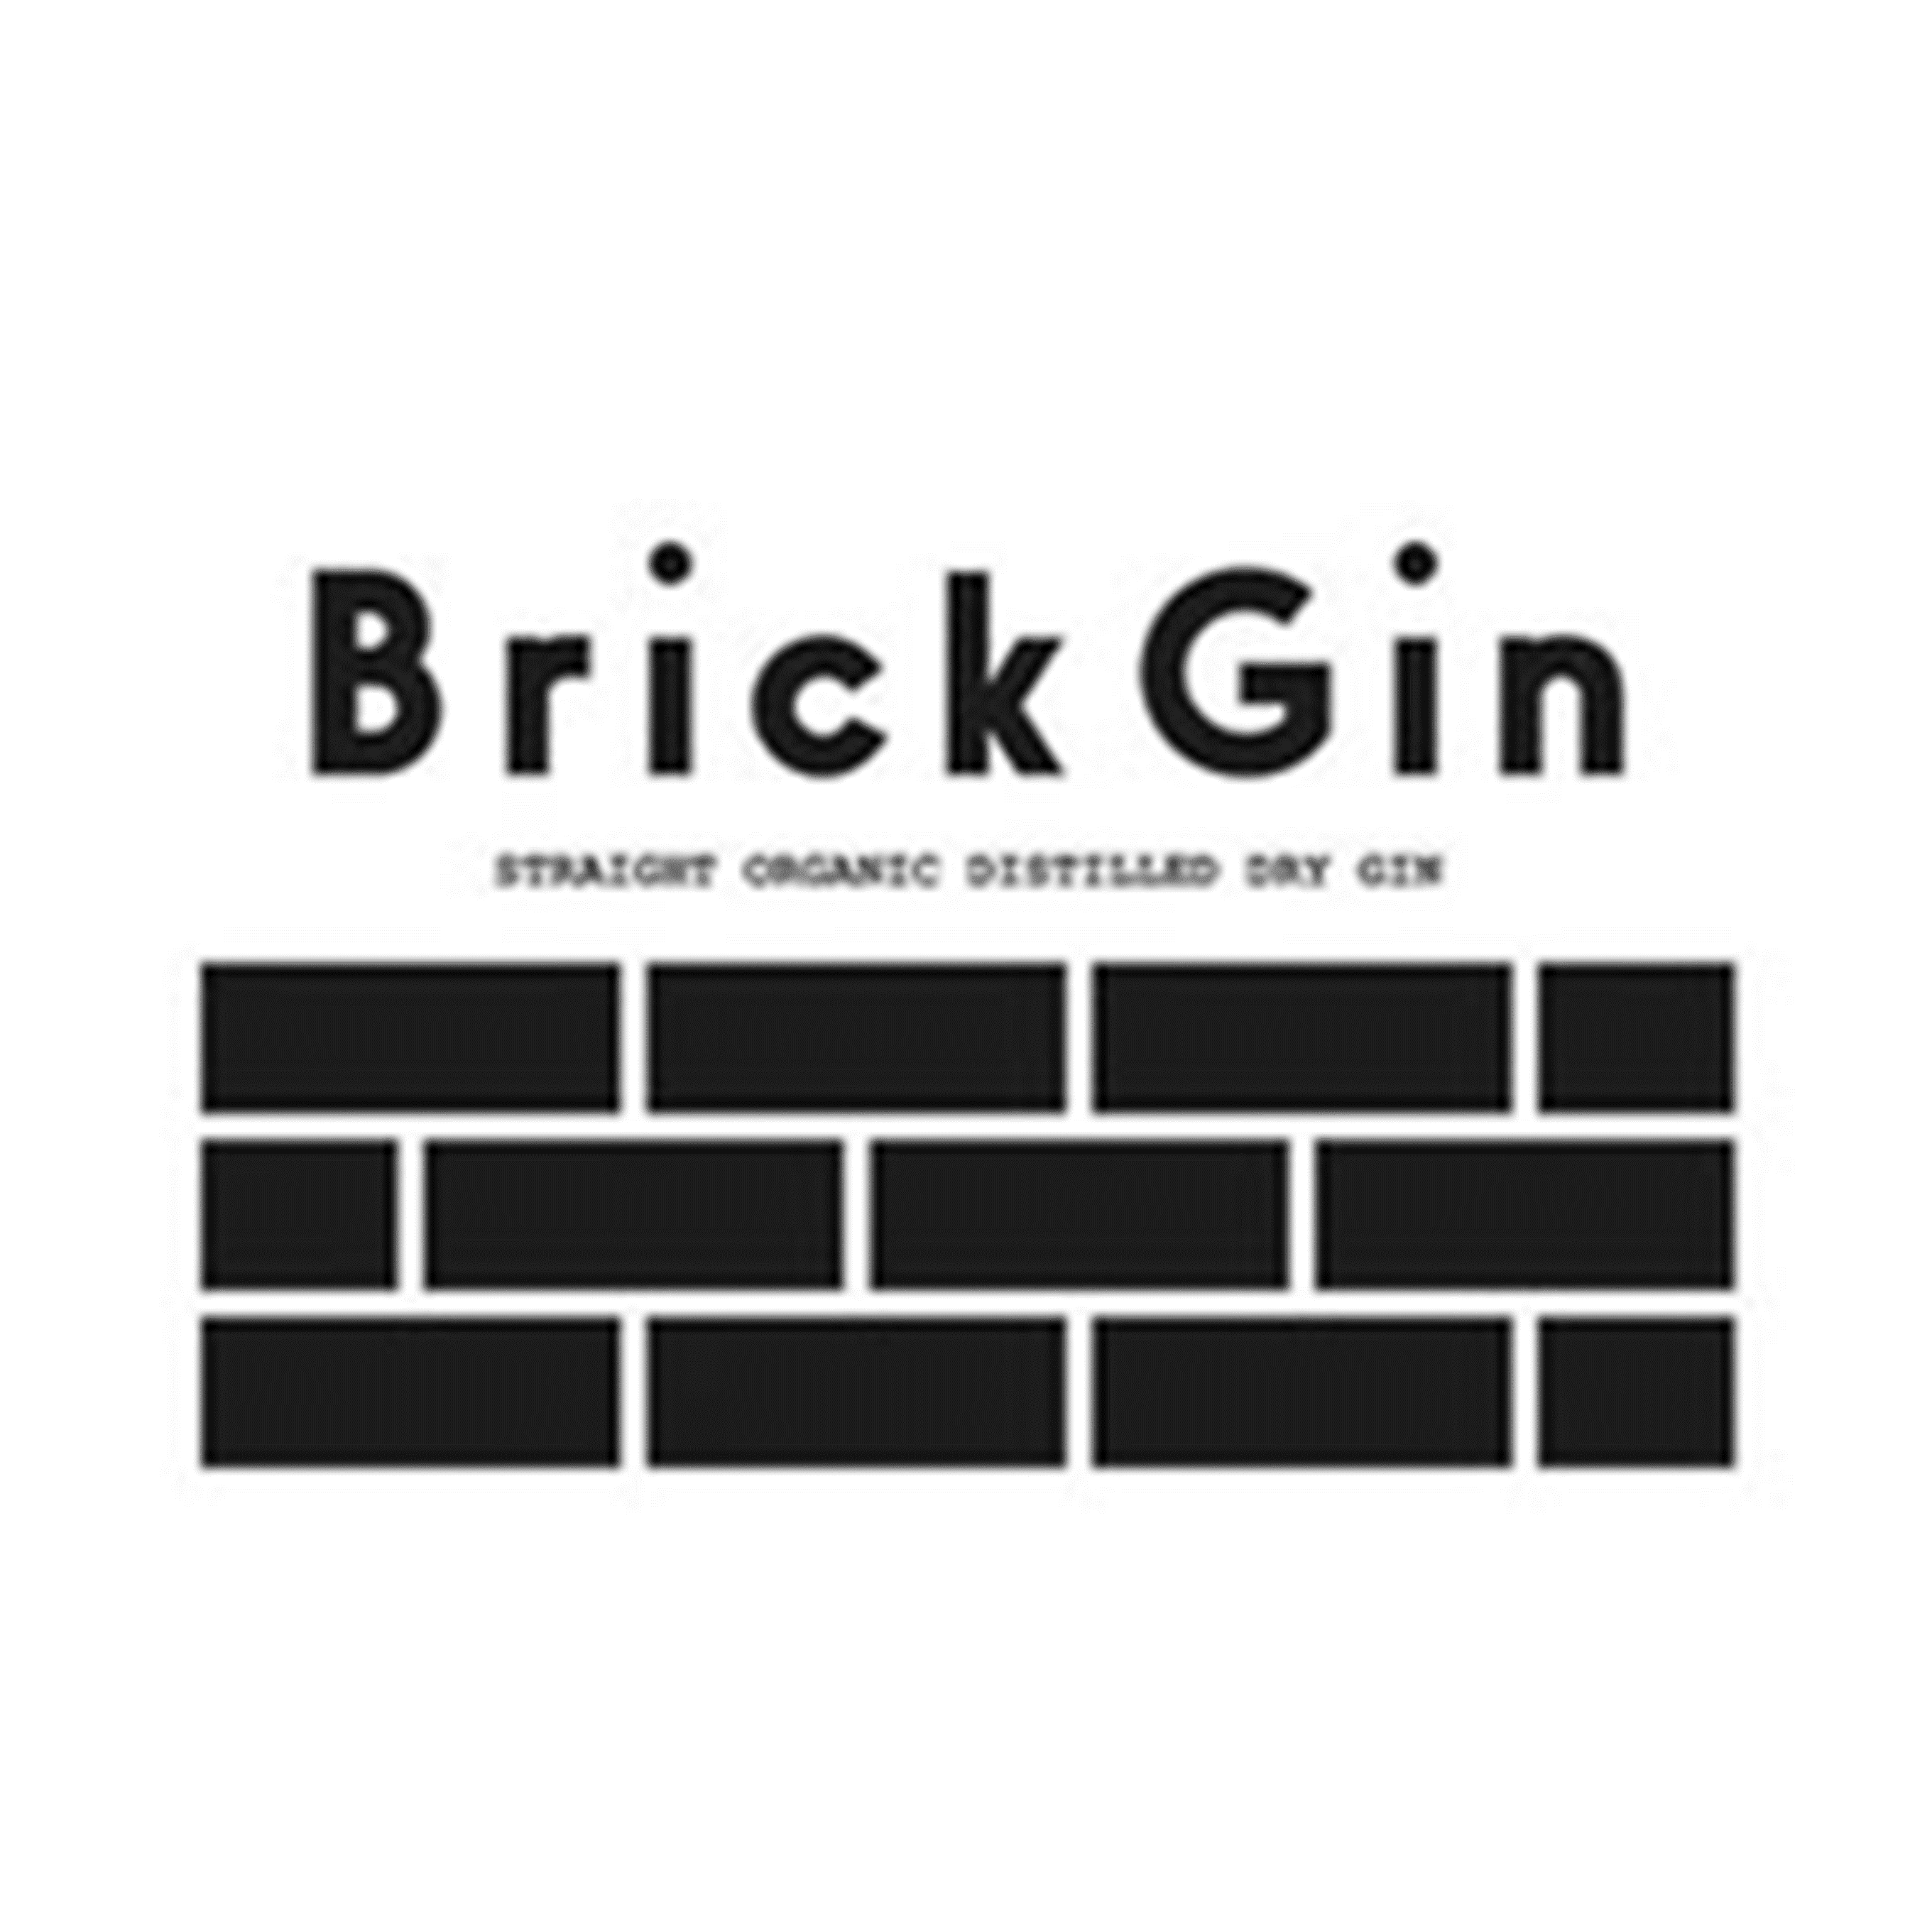 brick-gin